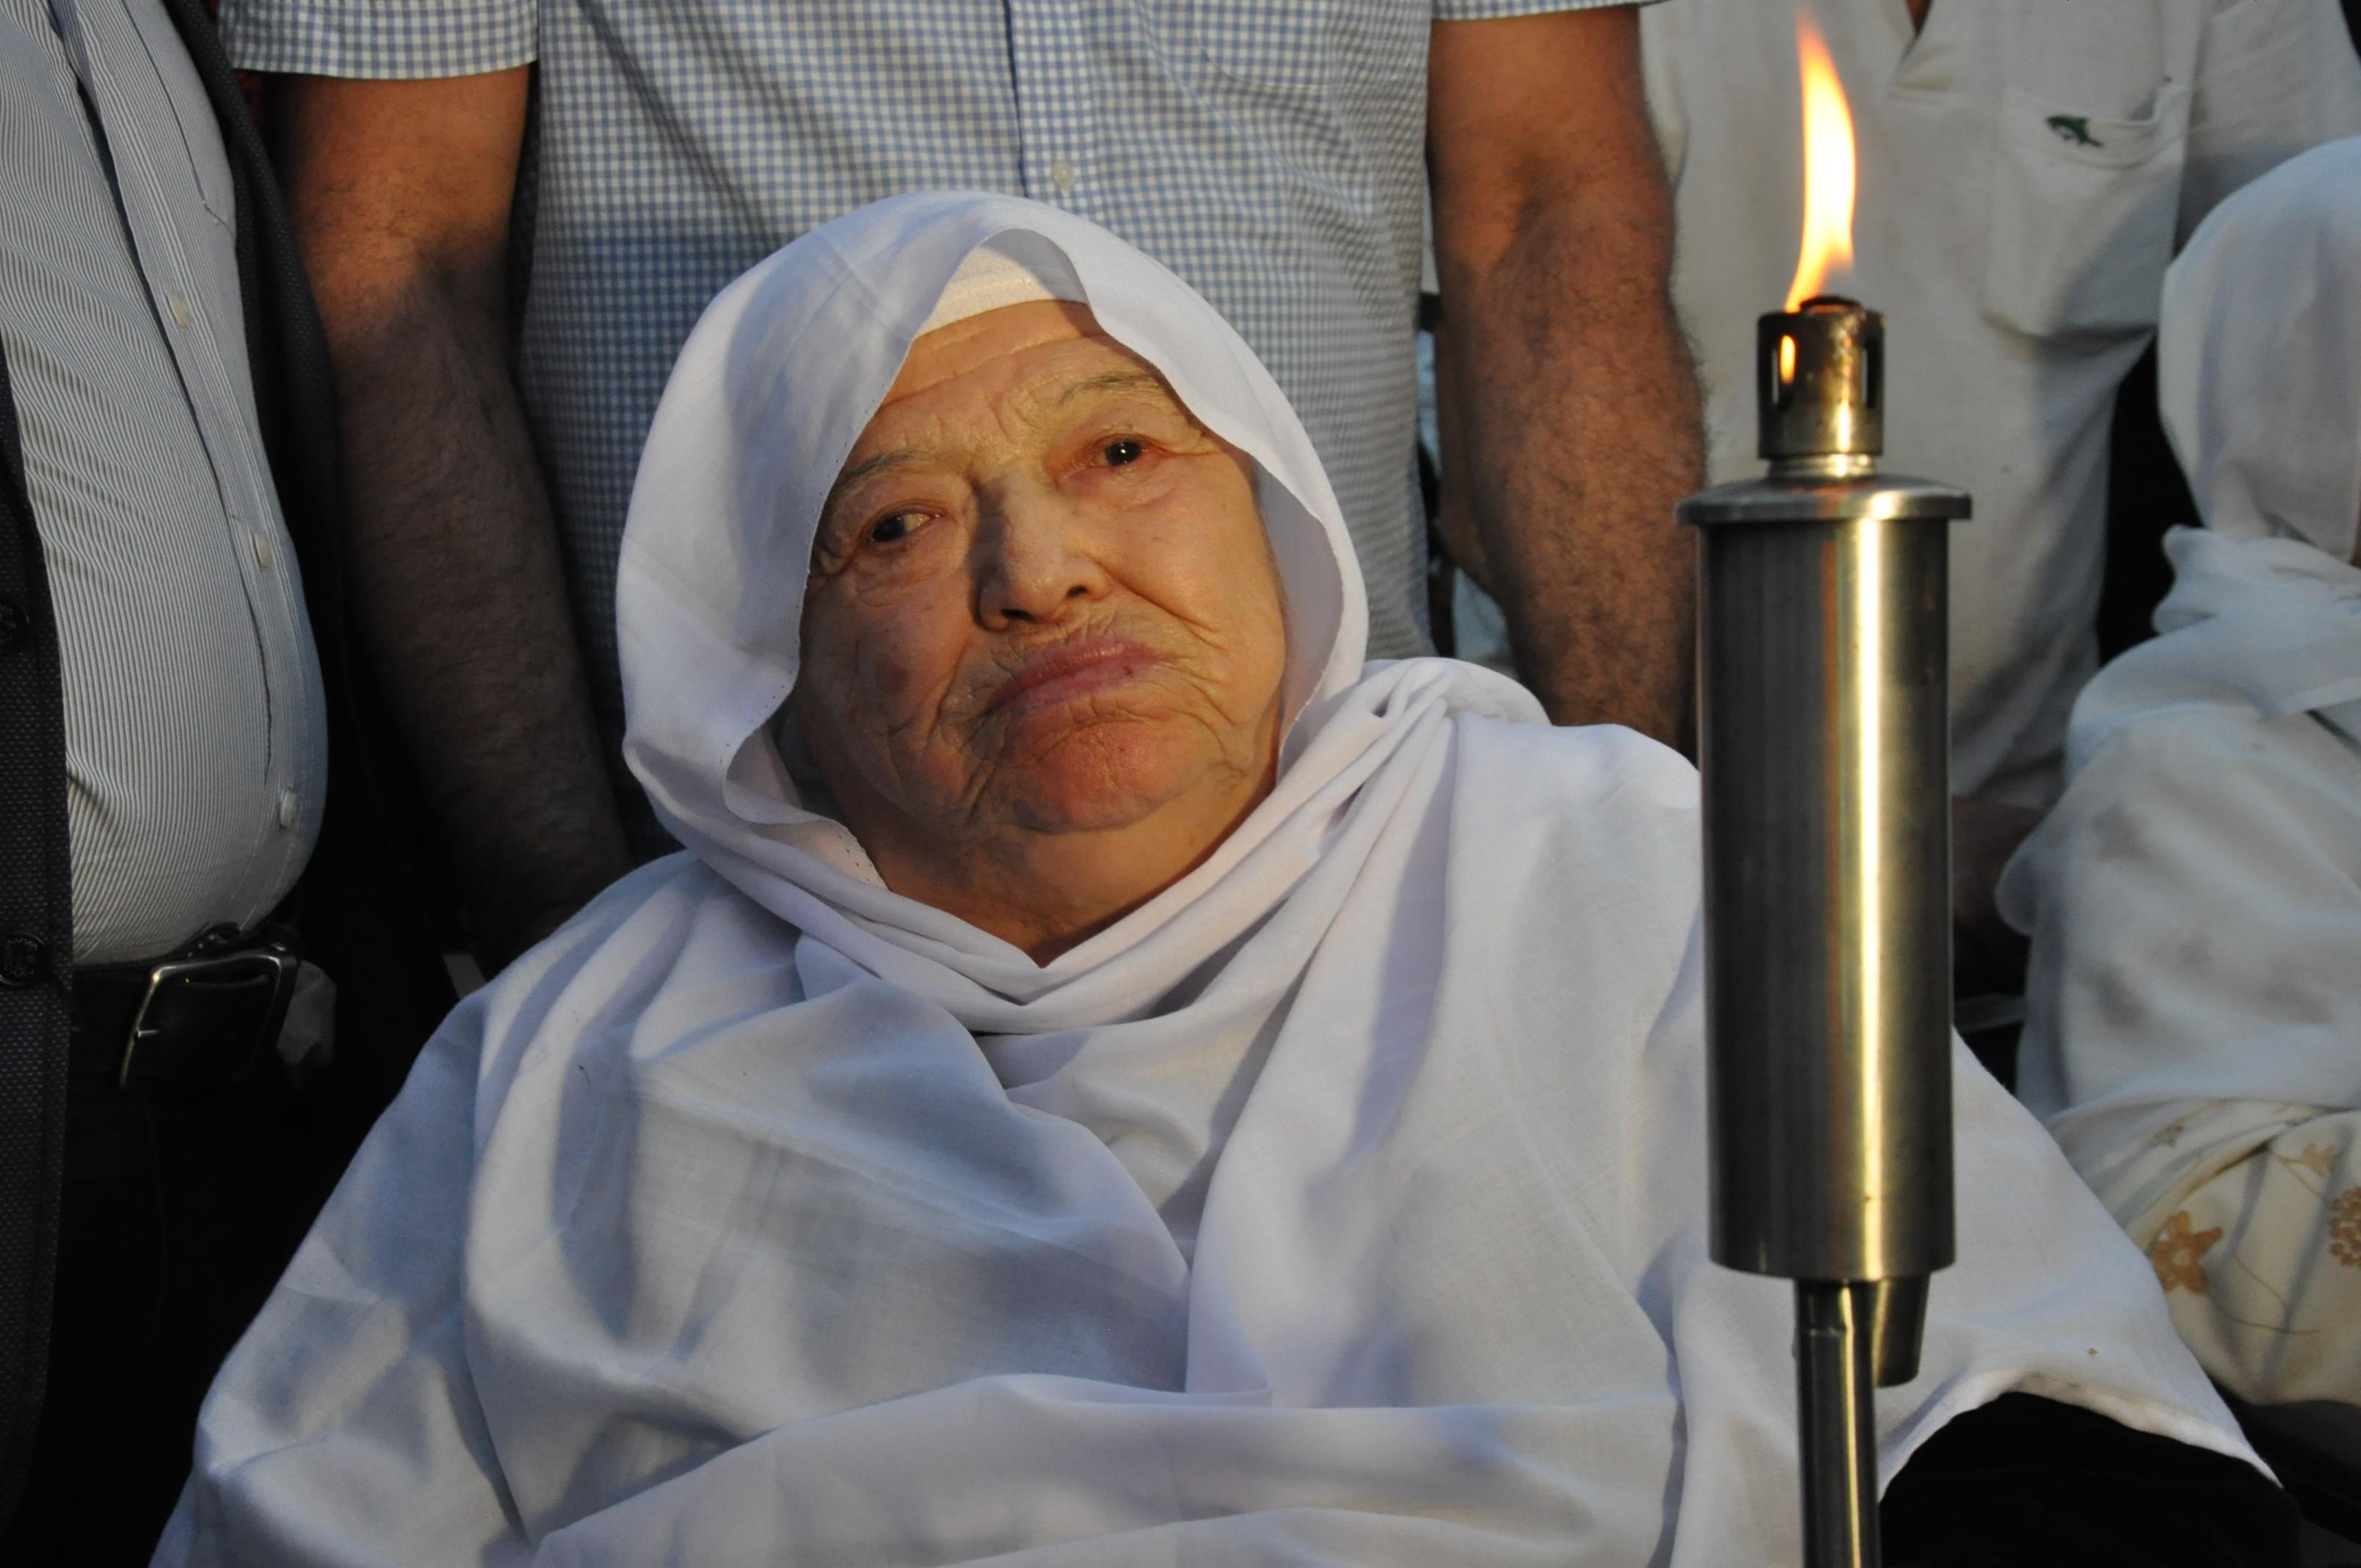 واعتقلت السلطات الإسرائيلية كلا من الأسيرين إبراهيم أبو مخ ورشدي أبو مخ وهم أبناء عمومة بتاريخ 24.3.1986، فيما قامت باعتقال الأسير وليد دقة (59 عاما)، في الخامس والعشرين من شهر آذار/ مارس، أما الأسير إبراهيم بيادسة (58 عاما) فقد تم اعتقاله في الثامن والعشرين من الشهر نفسه.